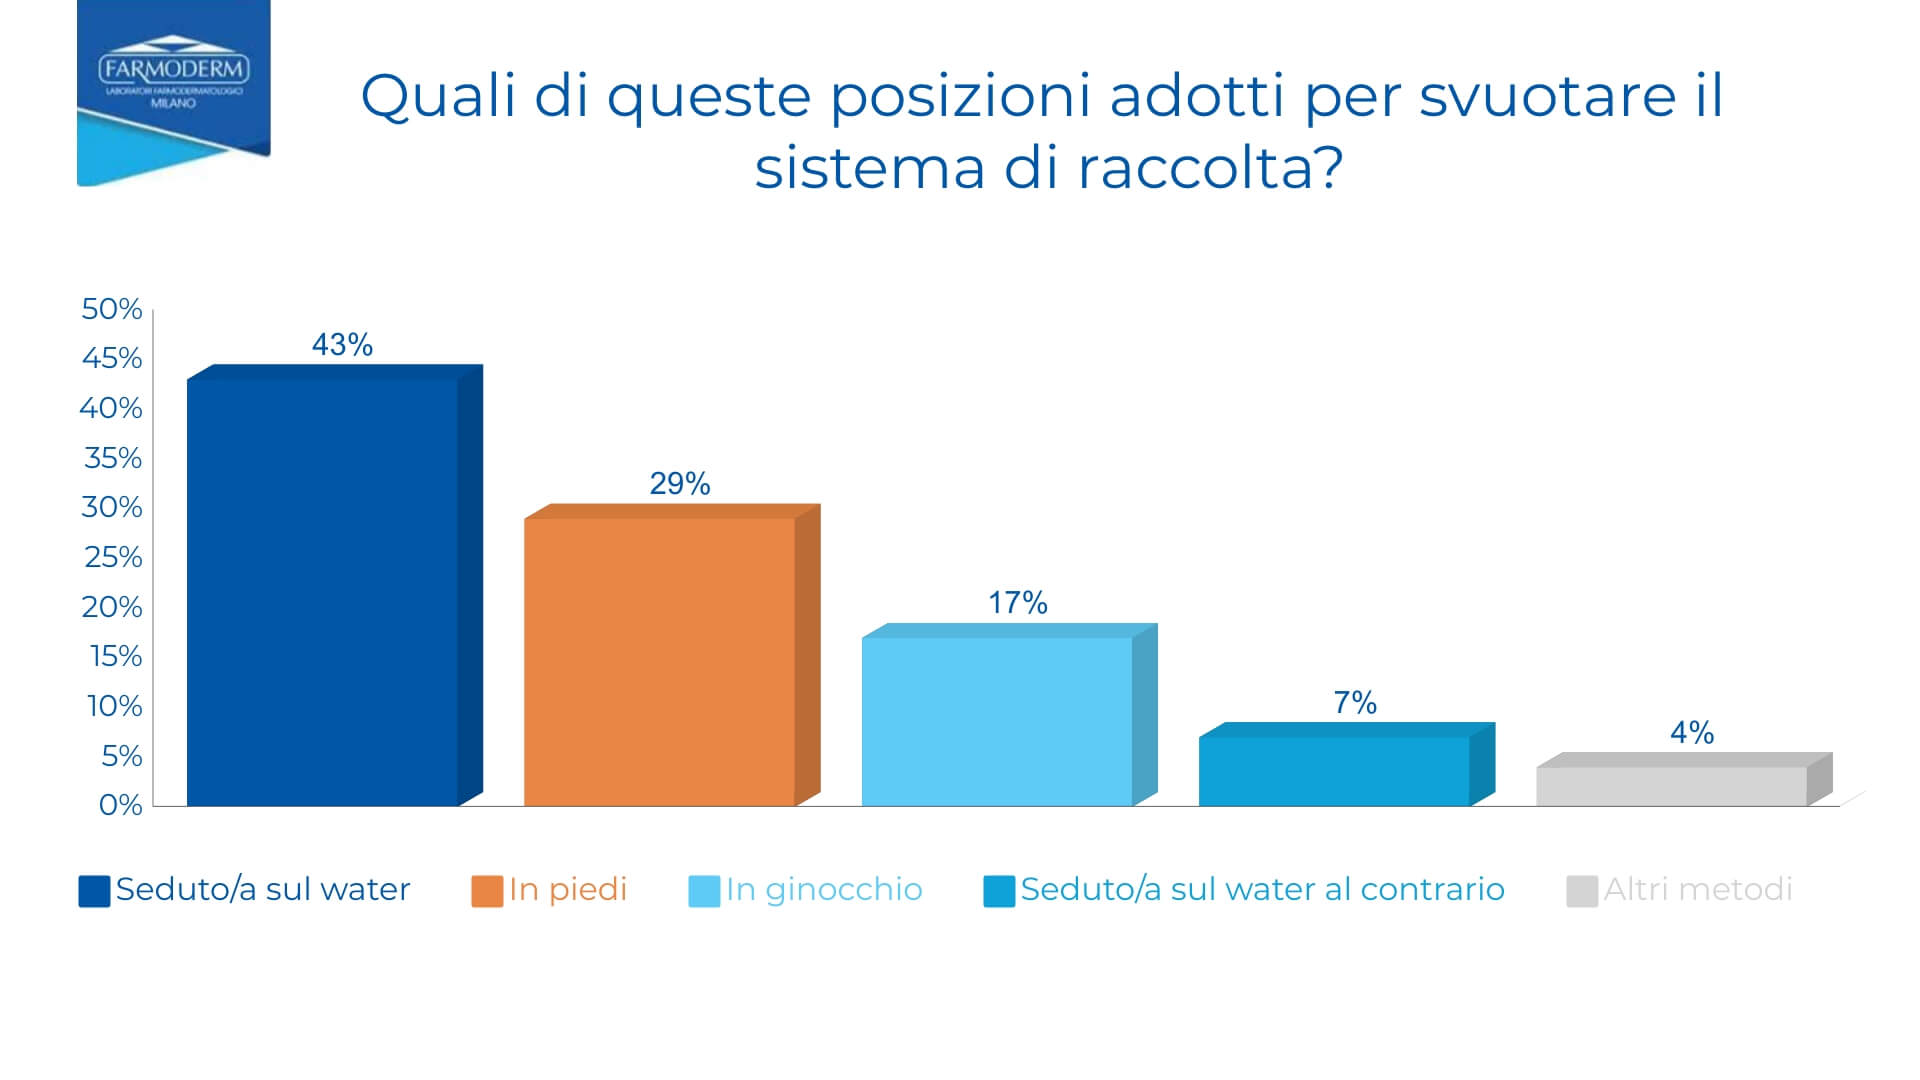 Grafico a barre, sondaggio per individuare quali posizioni utilizzano per svuotare la sacca per stomia